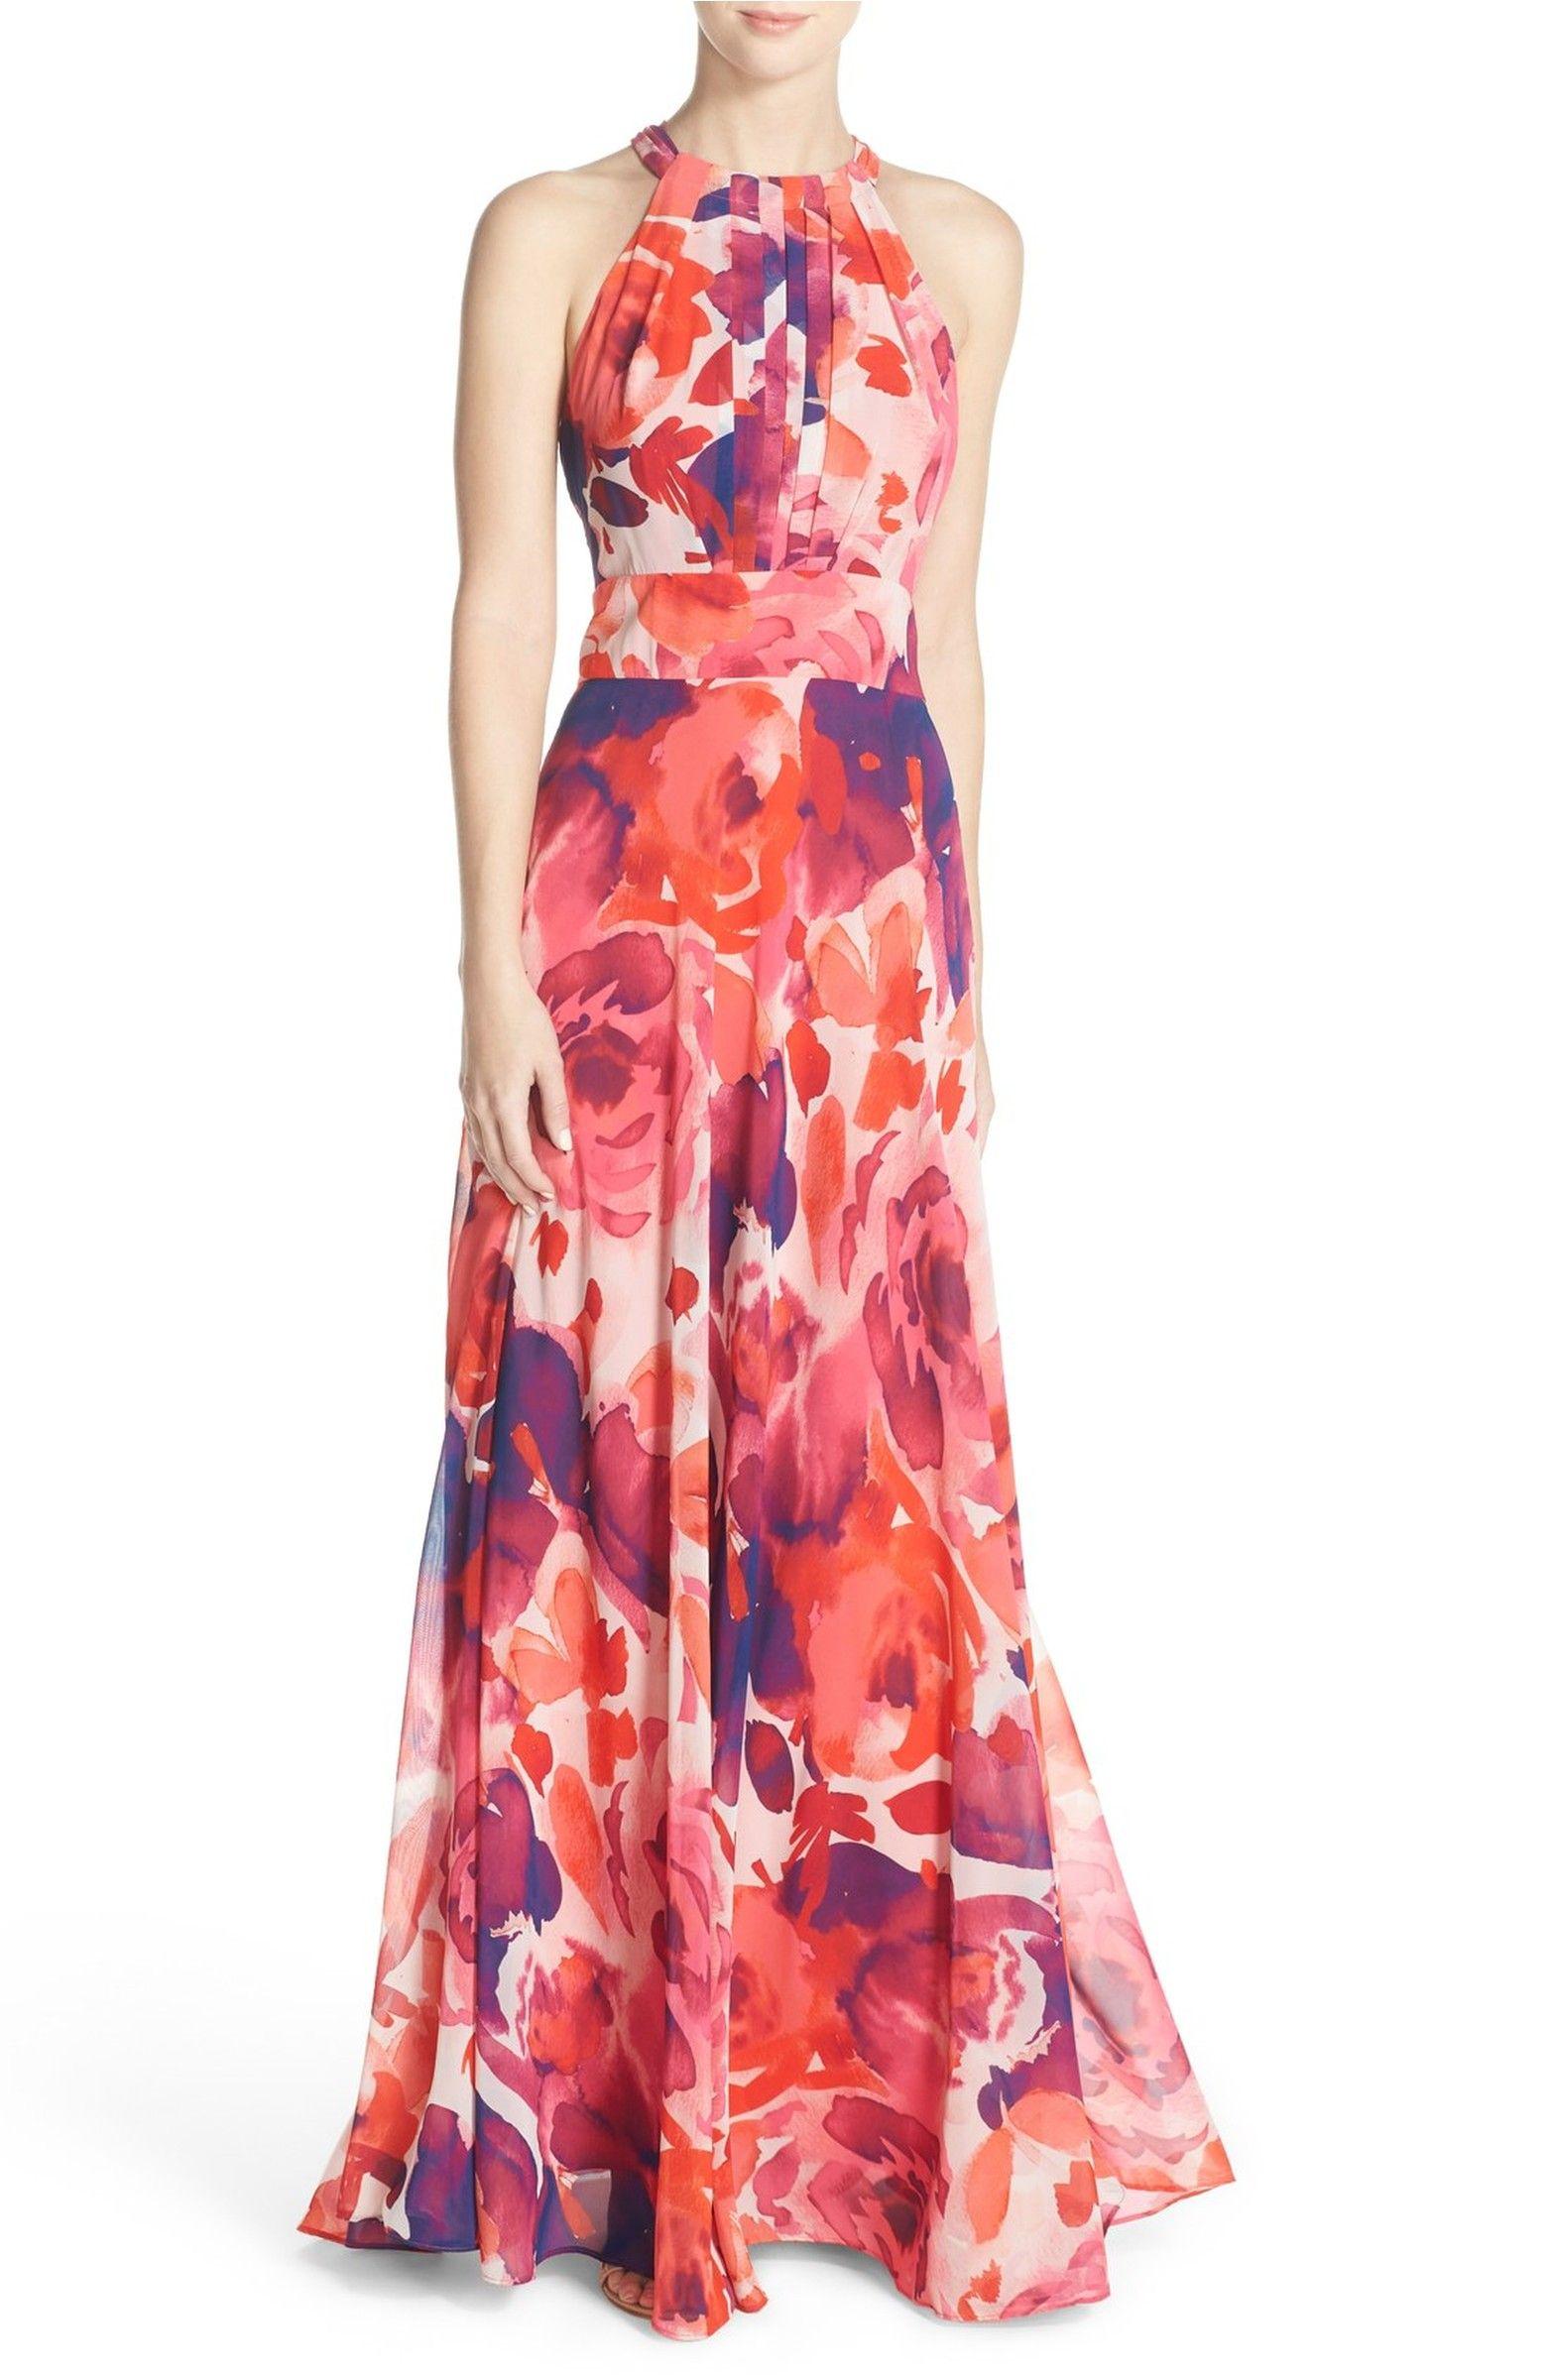 Floral Print Halter Maxi Dress | Vestiditos, Vestido de moda y ...